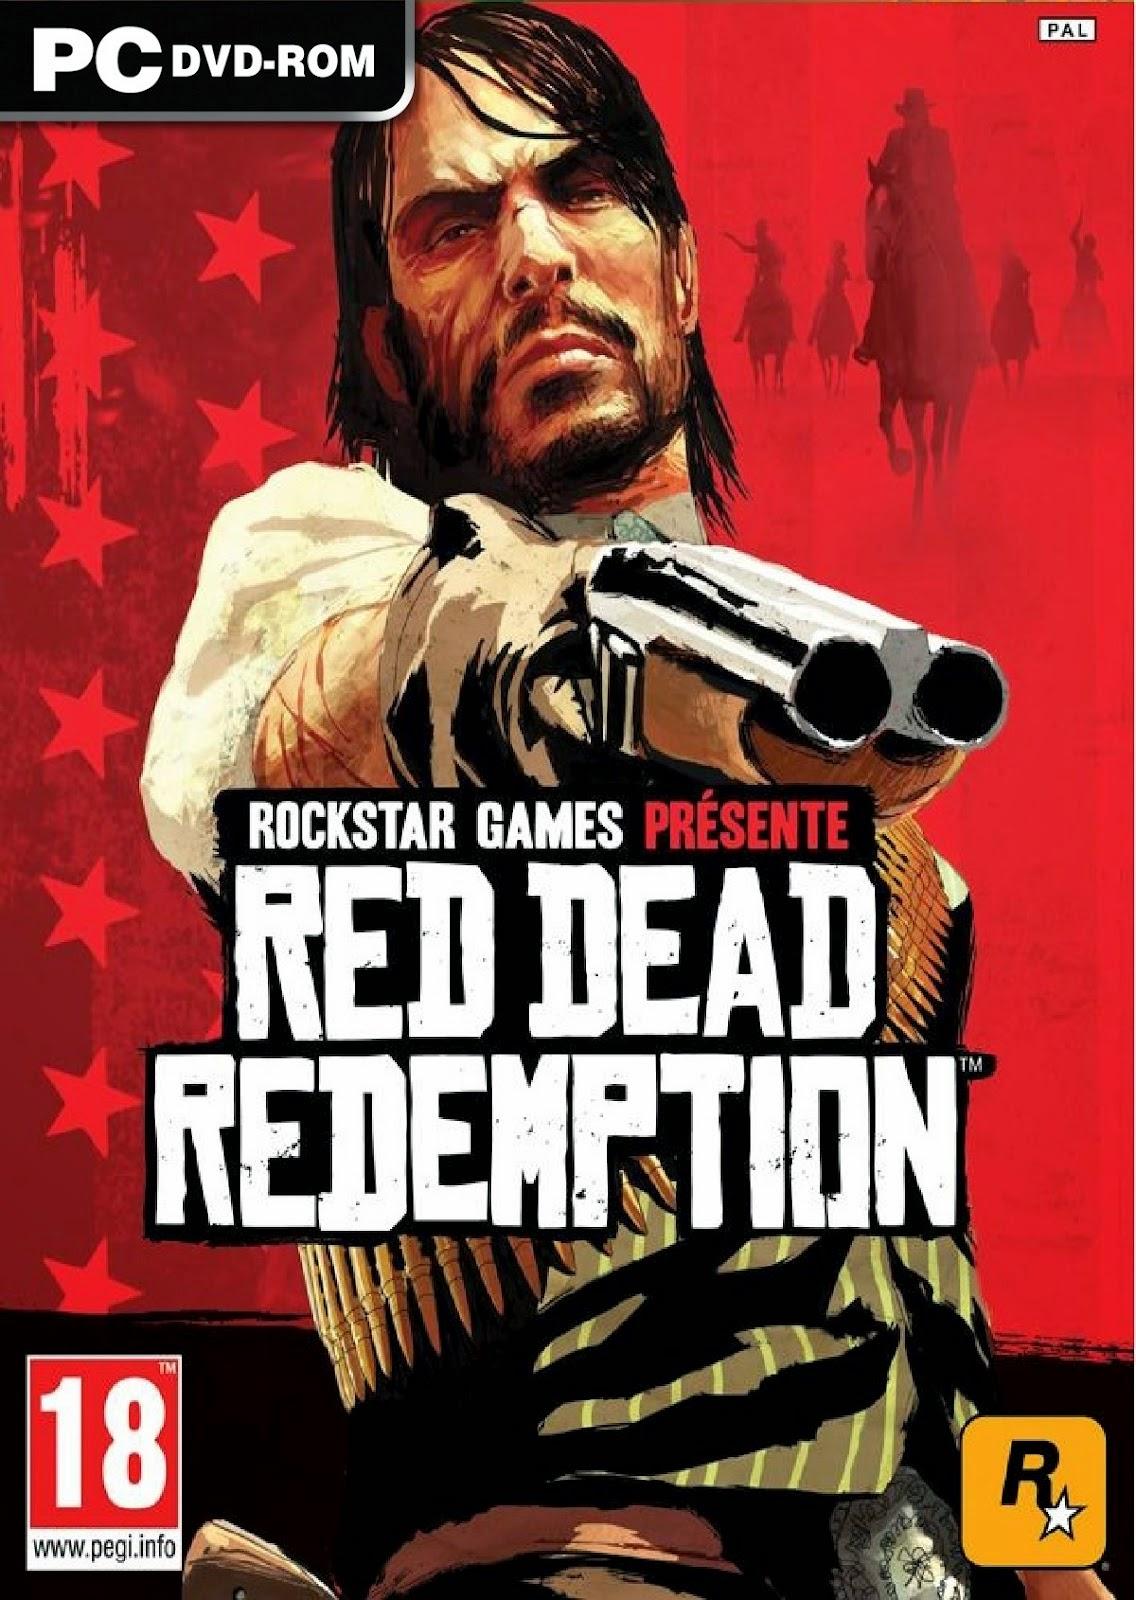 تحميل لعبة red dead redemption مضغوطة